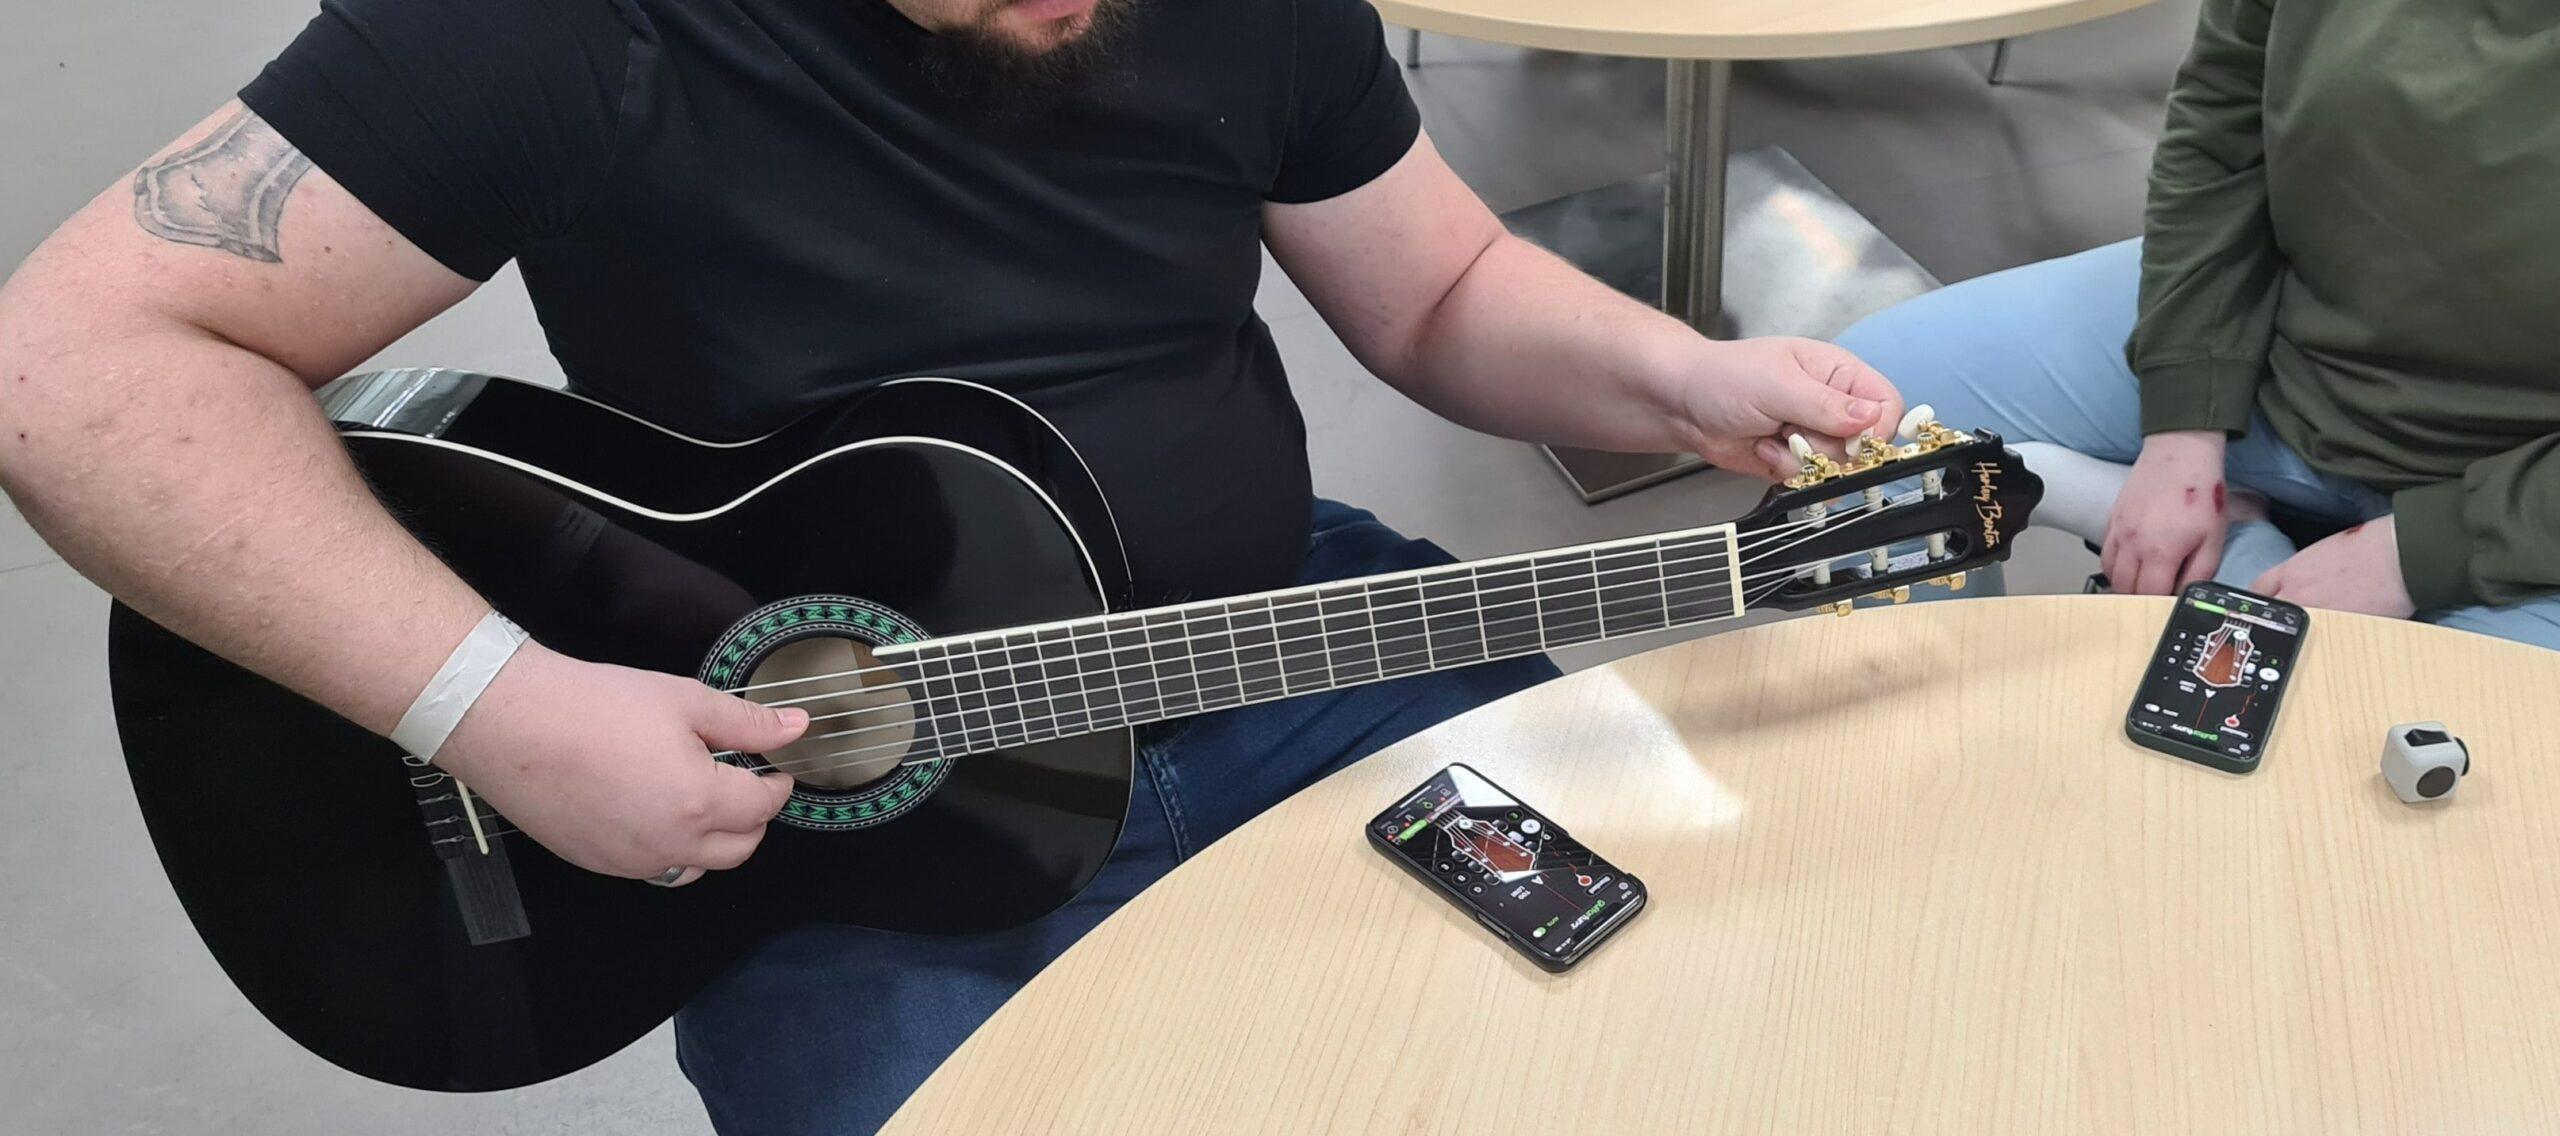 håb i psykiatrien åbenrå guitar